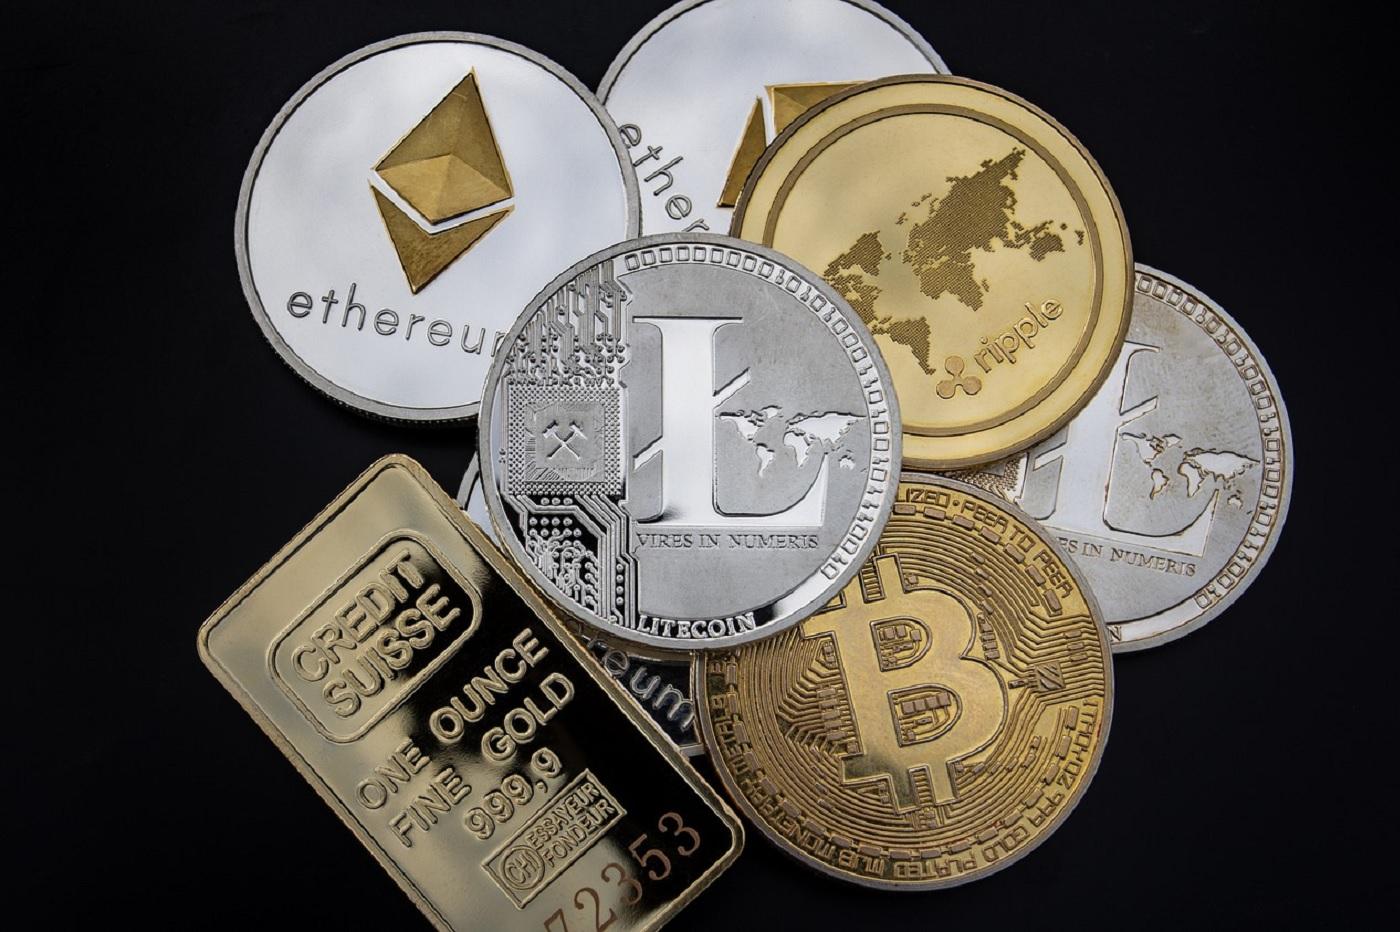 Les États-Unis réalisent la plus grande saisie de crypto-monnaie terroriste